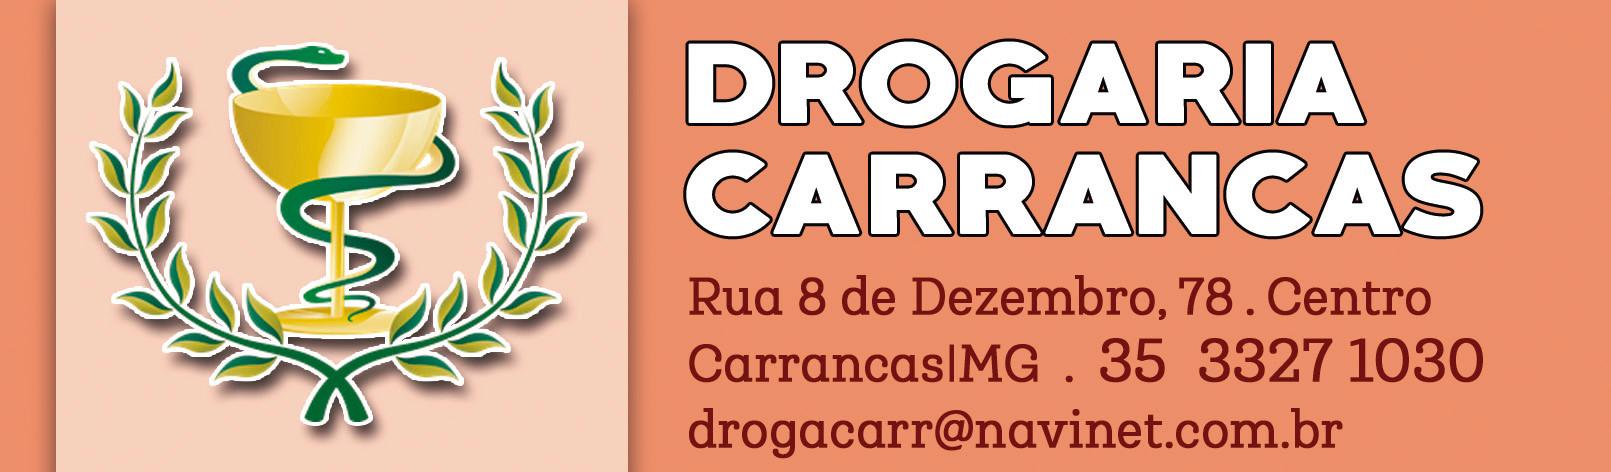 Drogaria Carrancas.jpg